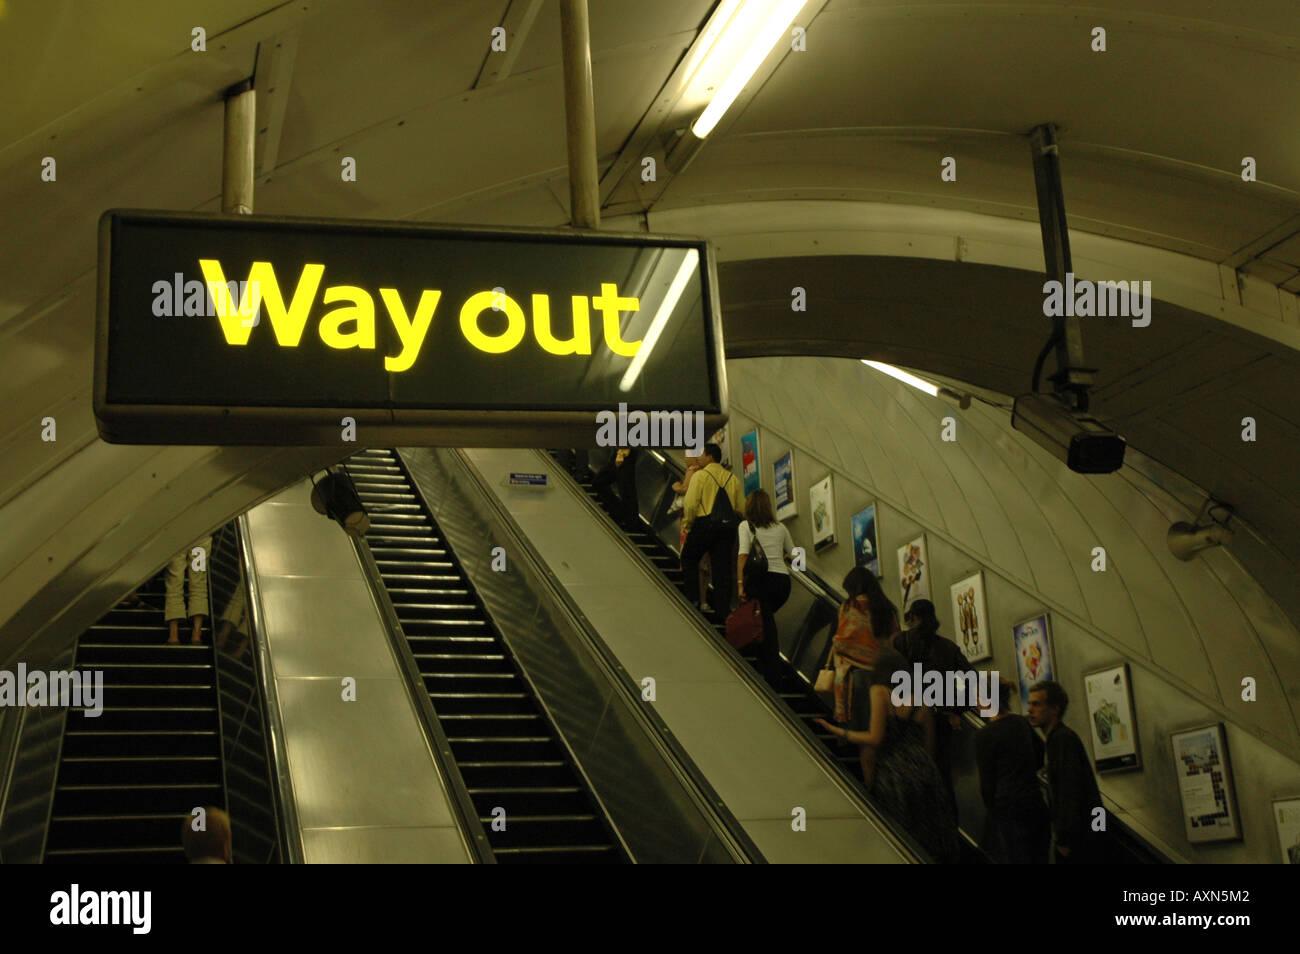 escalator on Bond Street underground tube station in London, UK - Stock Image